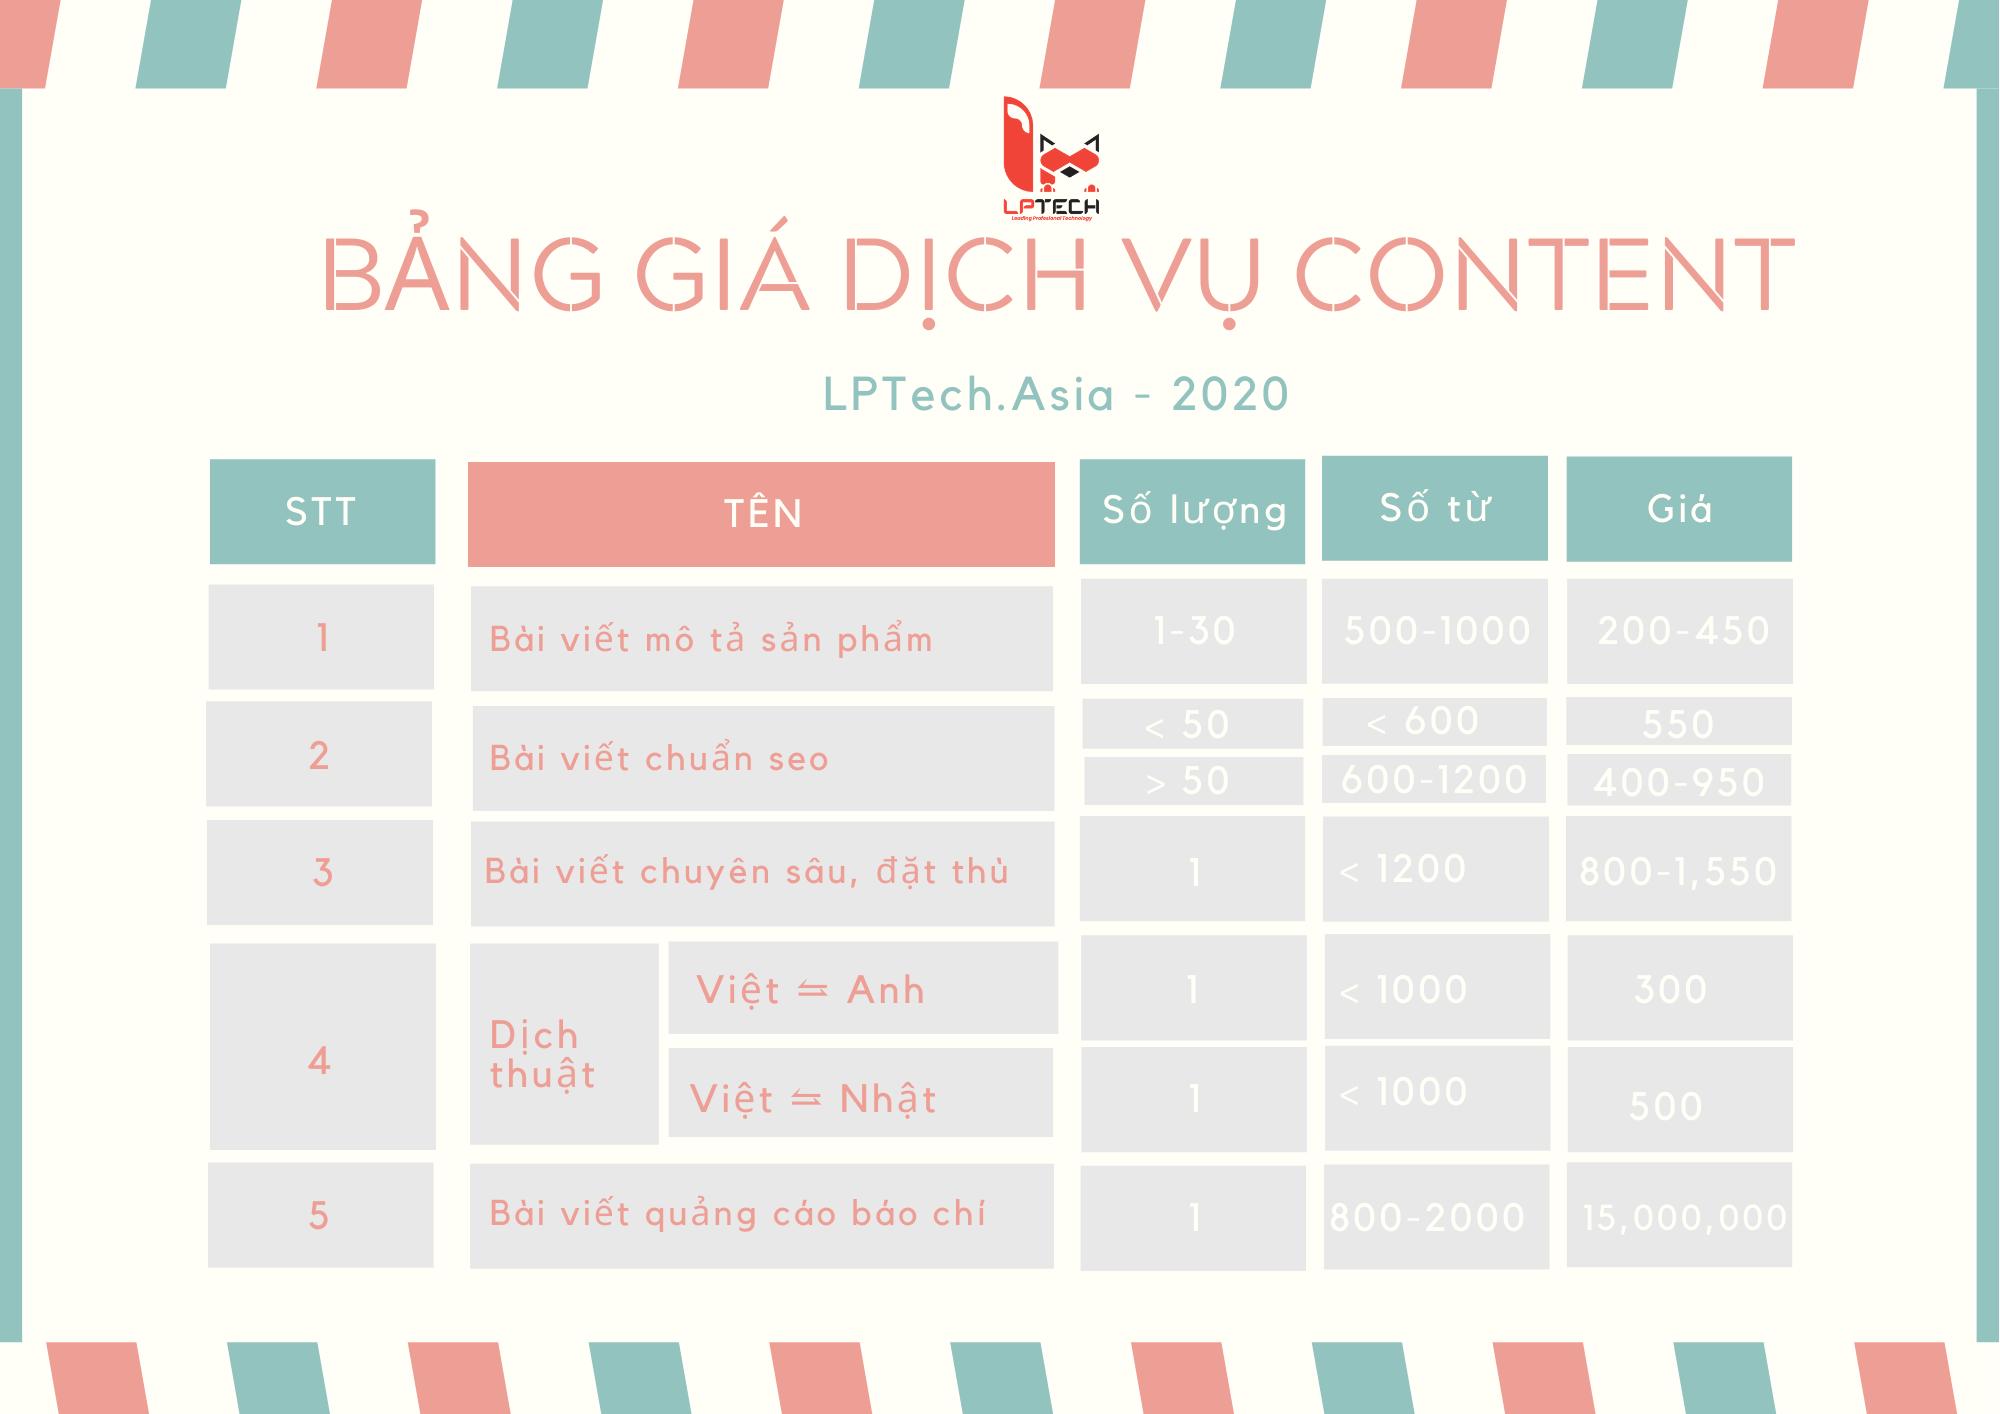 bảng giá dịch vụ content